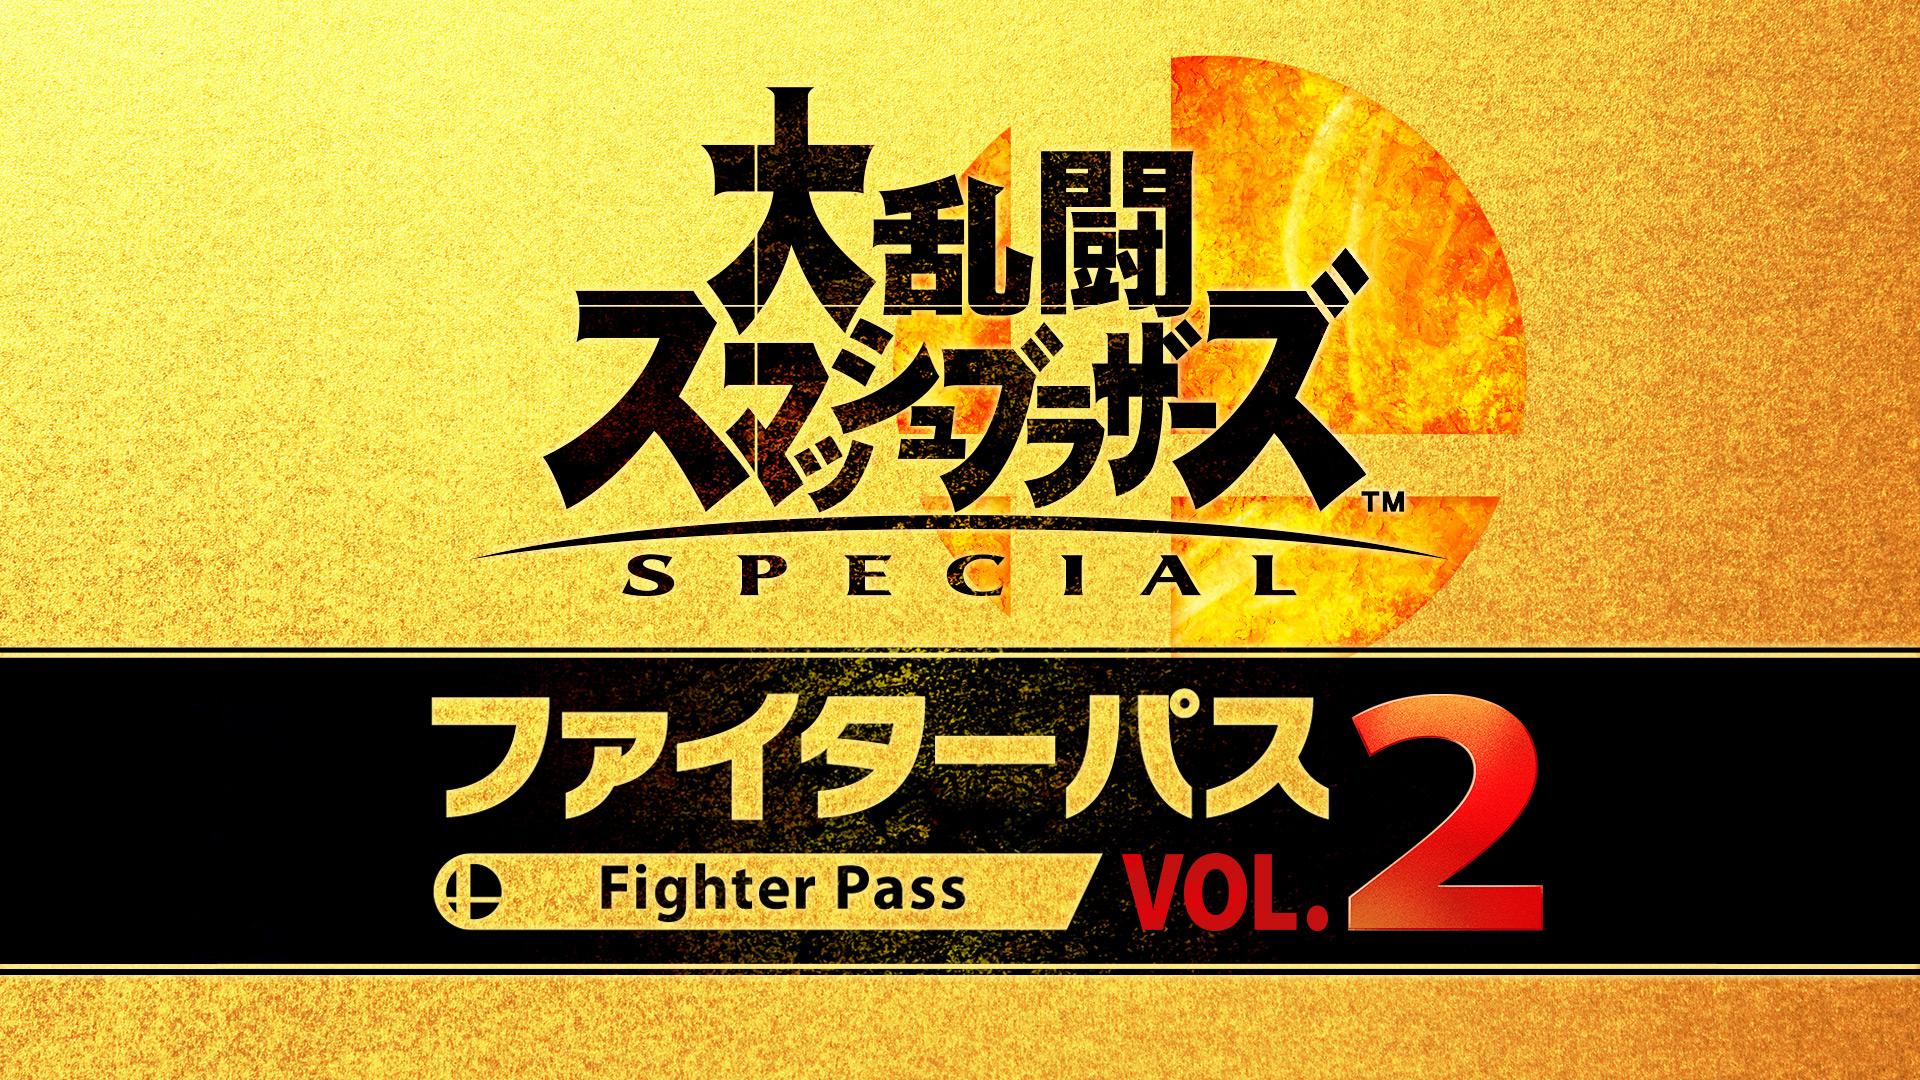 大乱闘スマッシュブラザーズ SPECIAL ファイターパス Vol. 2|大乱闘スマッシュブラザーズ SPECIAL|Nintendo Switchソフト|任天堂